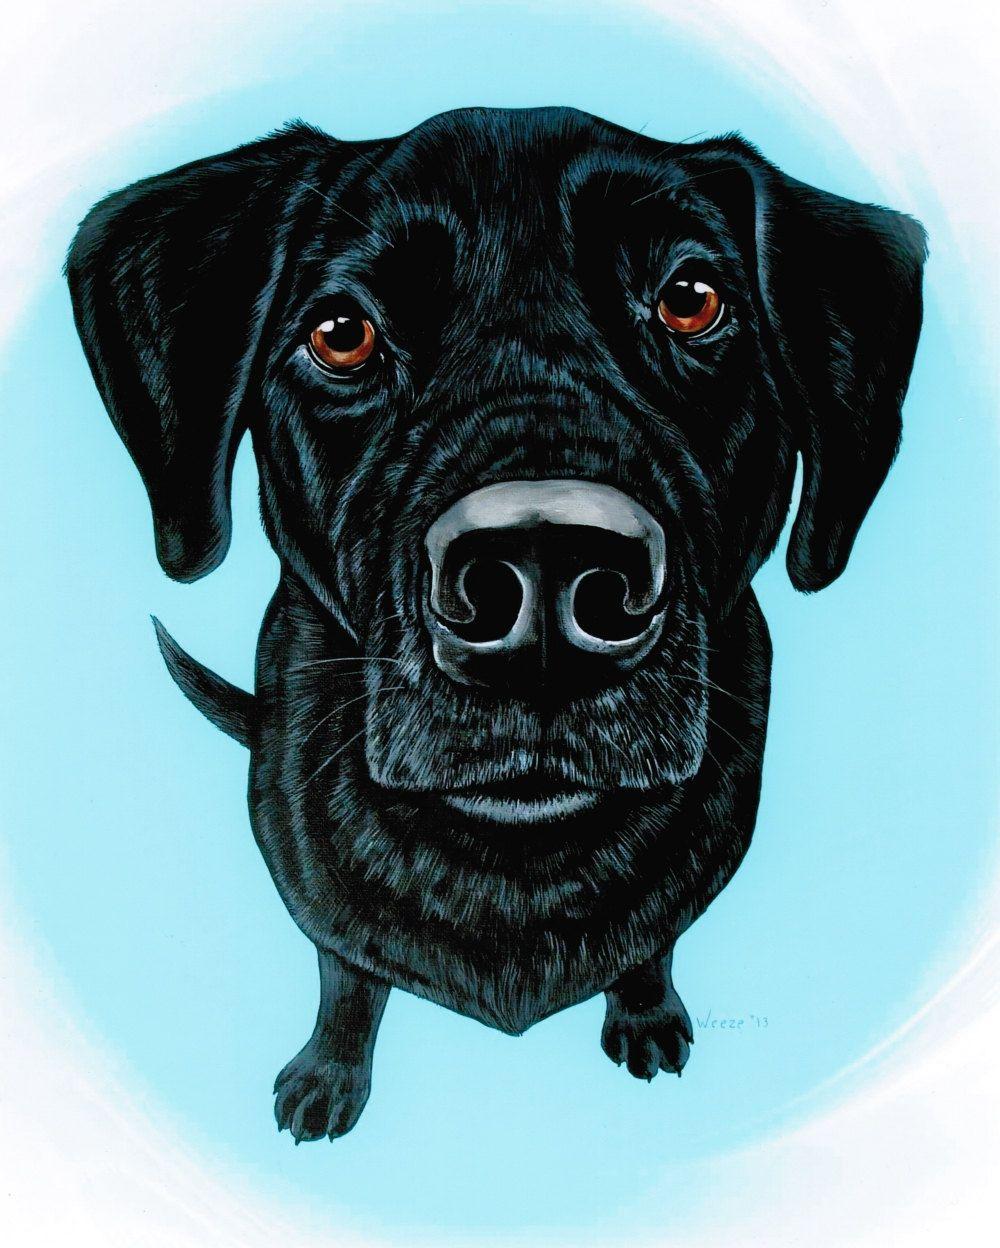 Black Lab Black Labrador Retriever Black Labrador от ArtbyWeeze